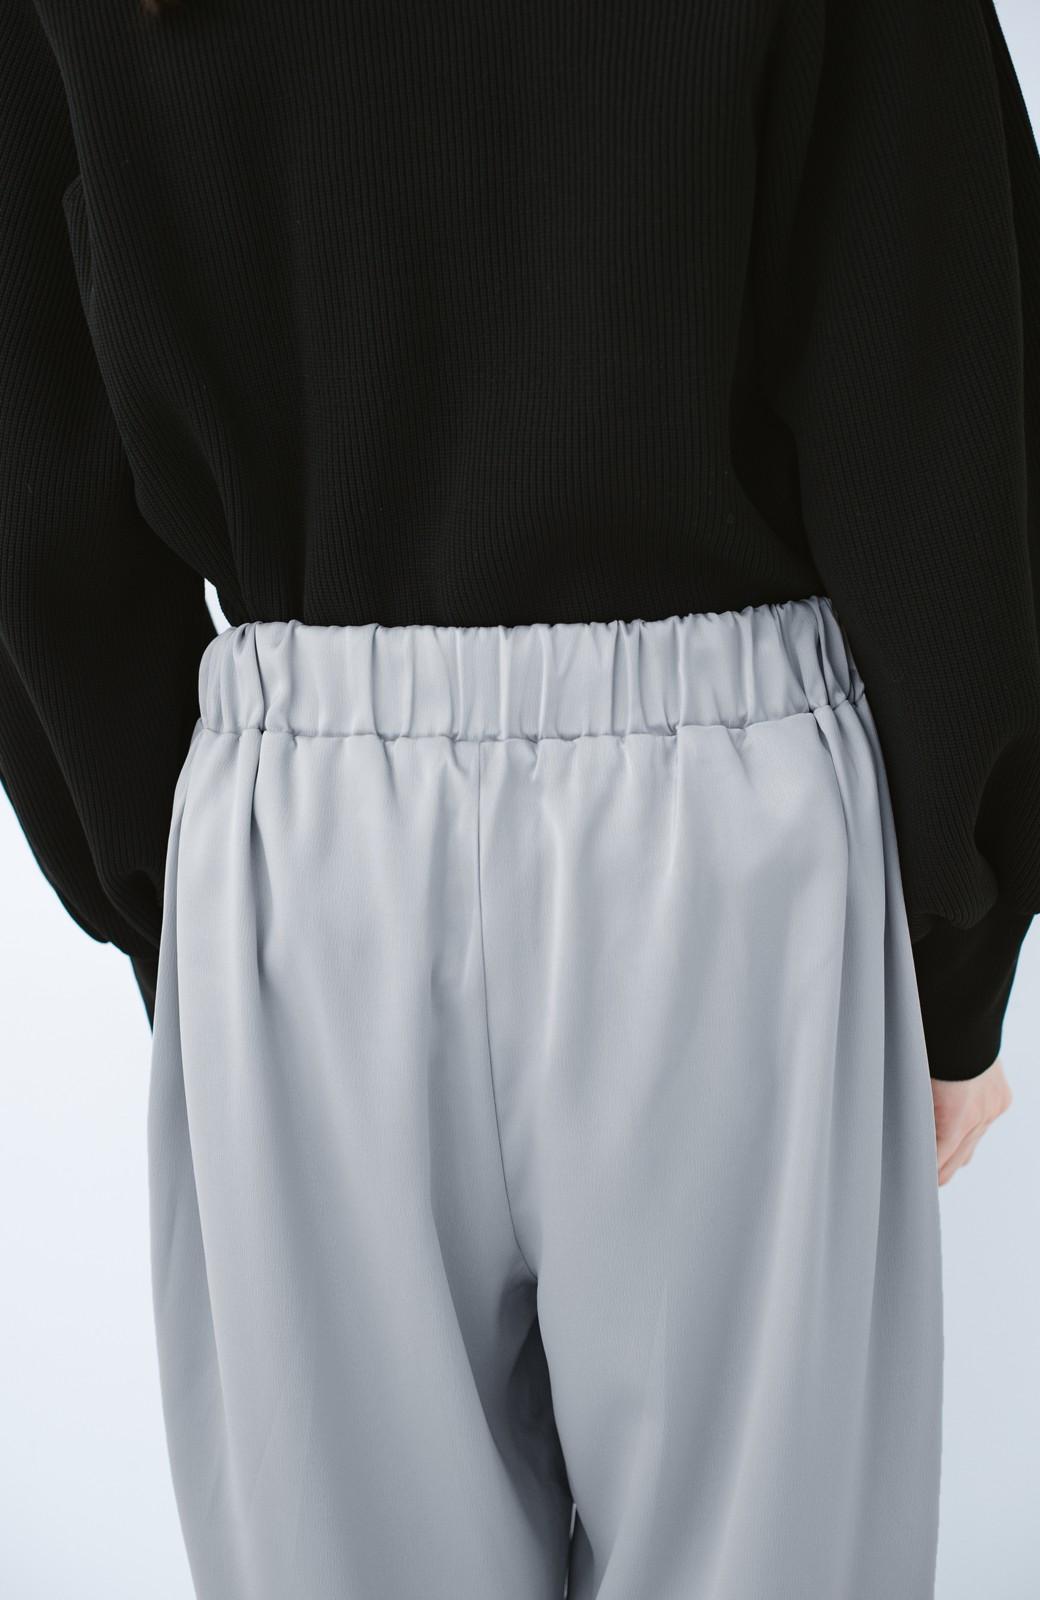 haco! パンツ派さんのデート着 プリーツスカート風にもなる華やかパンツセット <ライトブルーグレー>の商品写真13